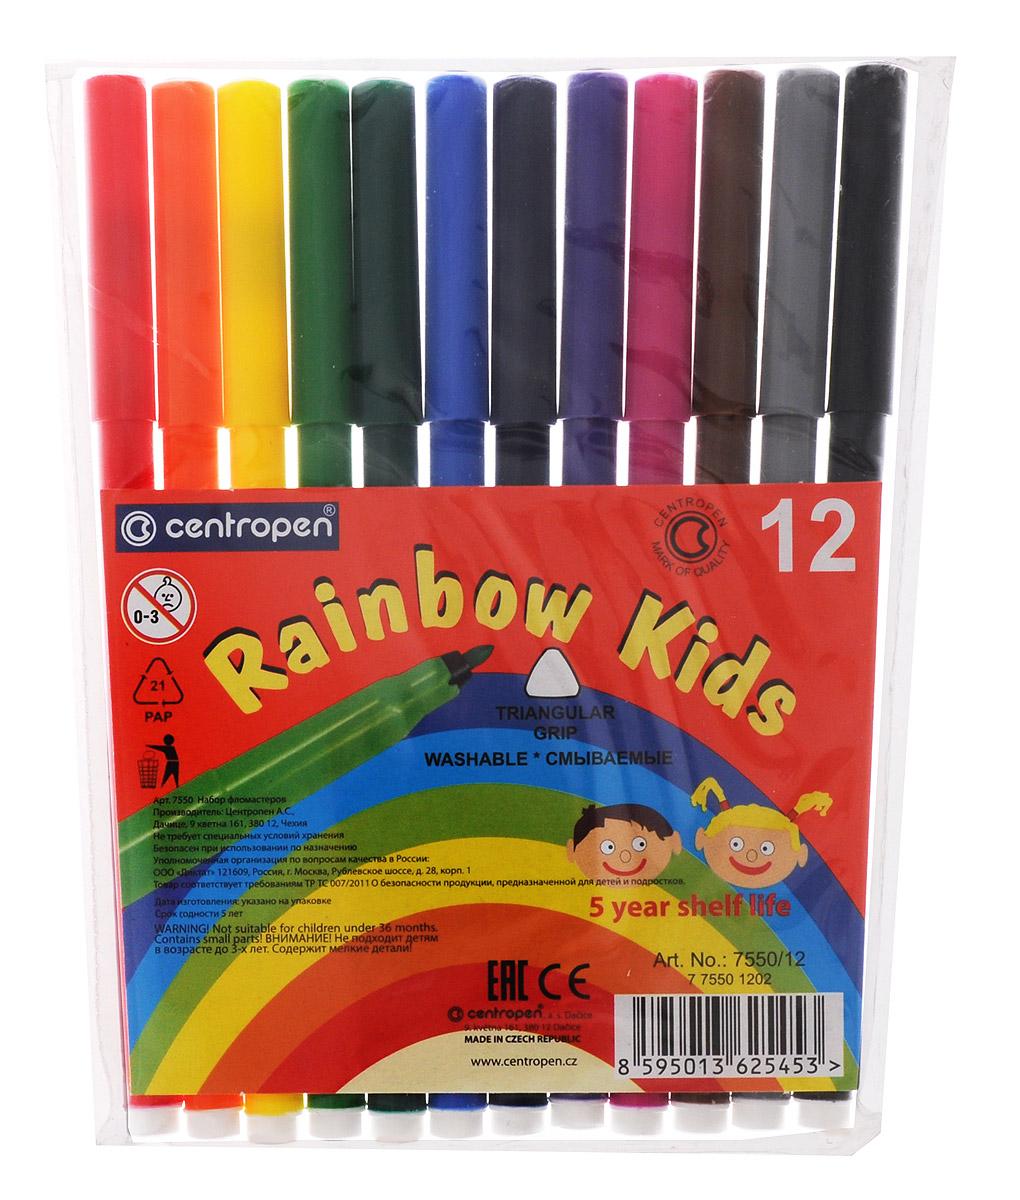 Centropen Набор фломастеров Rainbow Kids 12 цветовS360-24Цветные смываемые фломастеры Rainbow Kids от Centropen всегда помогут вашему маленькому художнику вовсех его творческих начинаниях. Фломастеры оснащены вентилируемым колпачком, поэтому сохраняют своисвойства, не высыхая, минимум 3 года. Эргономичная треугольная зона обхвата корпуса позволяет использоватьих с большим комфортом. Цилиндрический пишущий узел достаточно устойчив к вдавливанию. Фломастеры легкосмываются с рук даже холодной водой и очень легко отстирываются. Набор состоит из 12 разноцветных фломастеров. Рекомендуемый возраст: от 3-х лет.